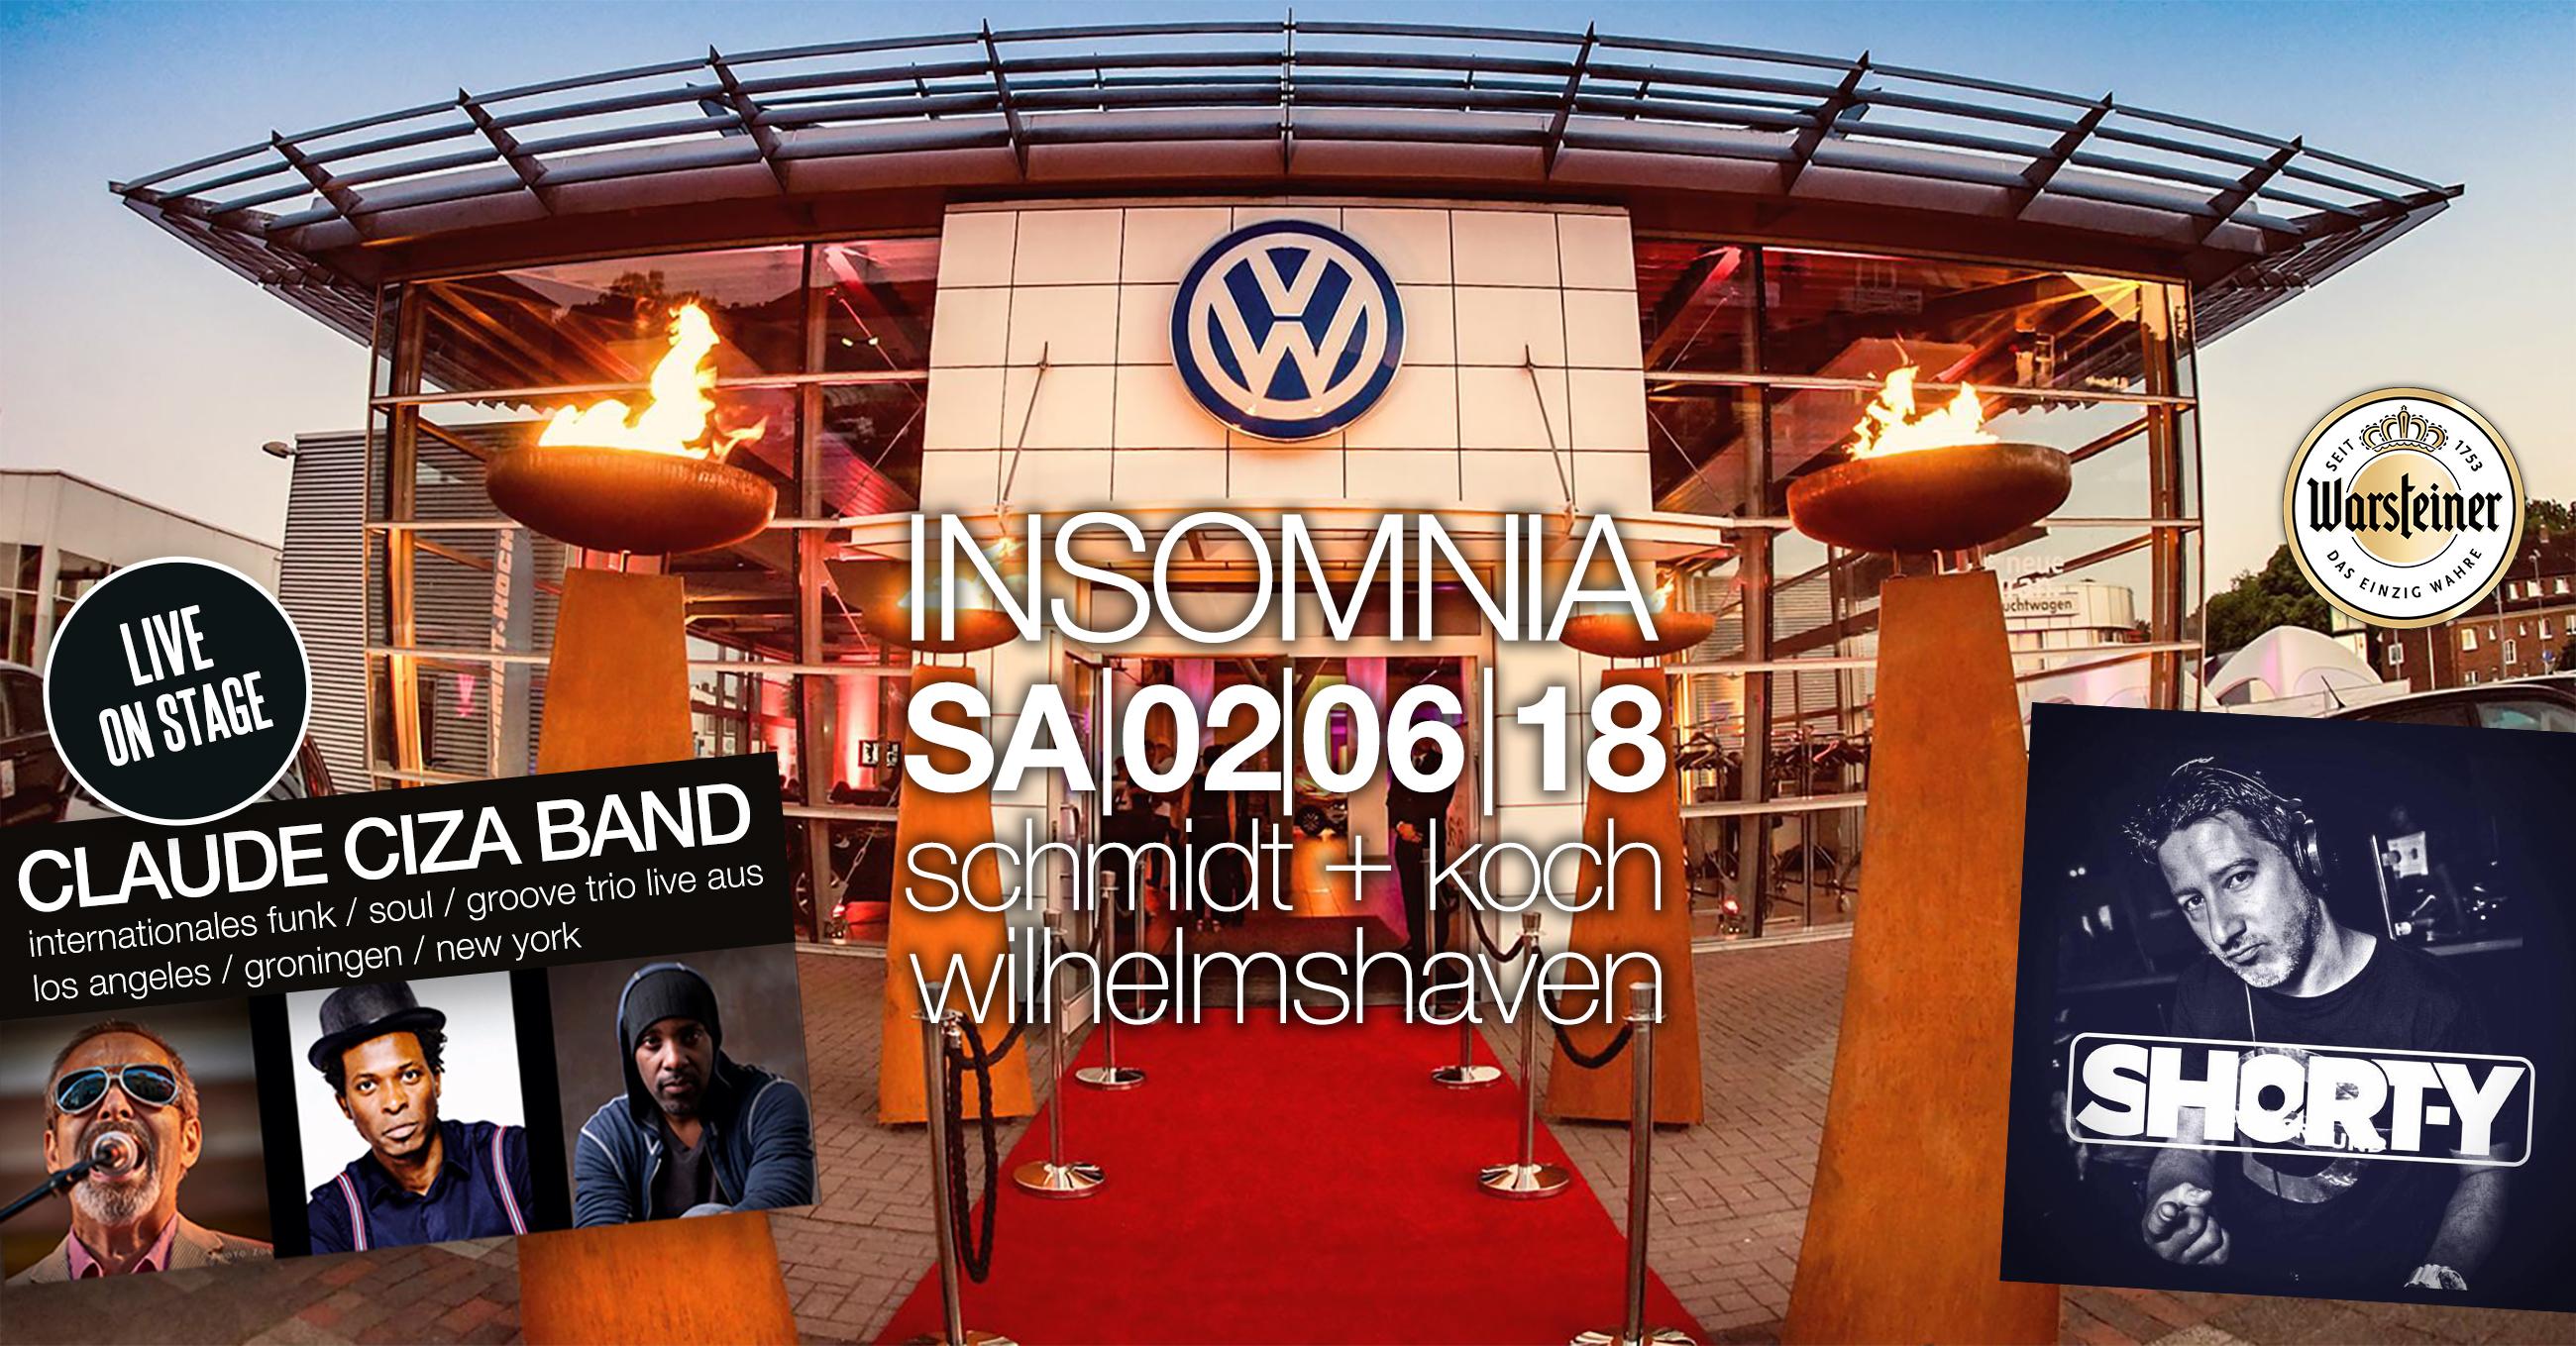 insomnia-whv-2018-02-06-18-warsteiner